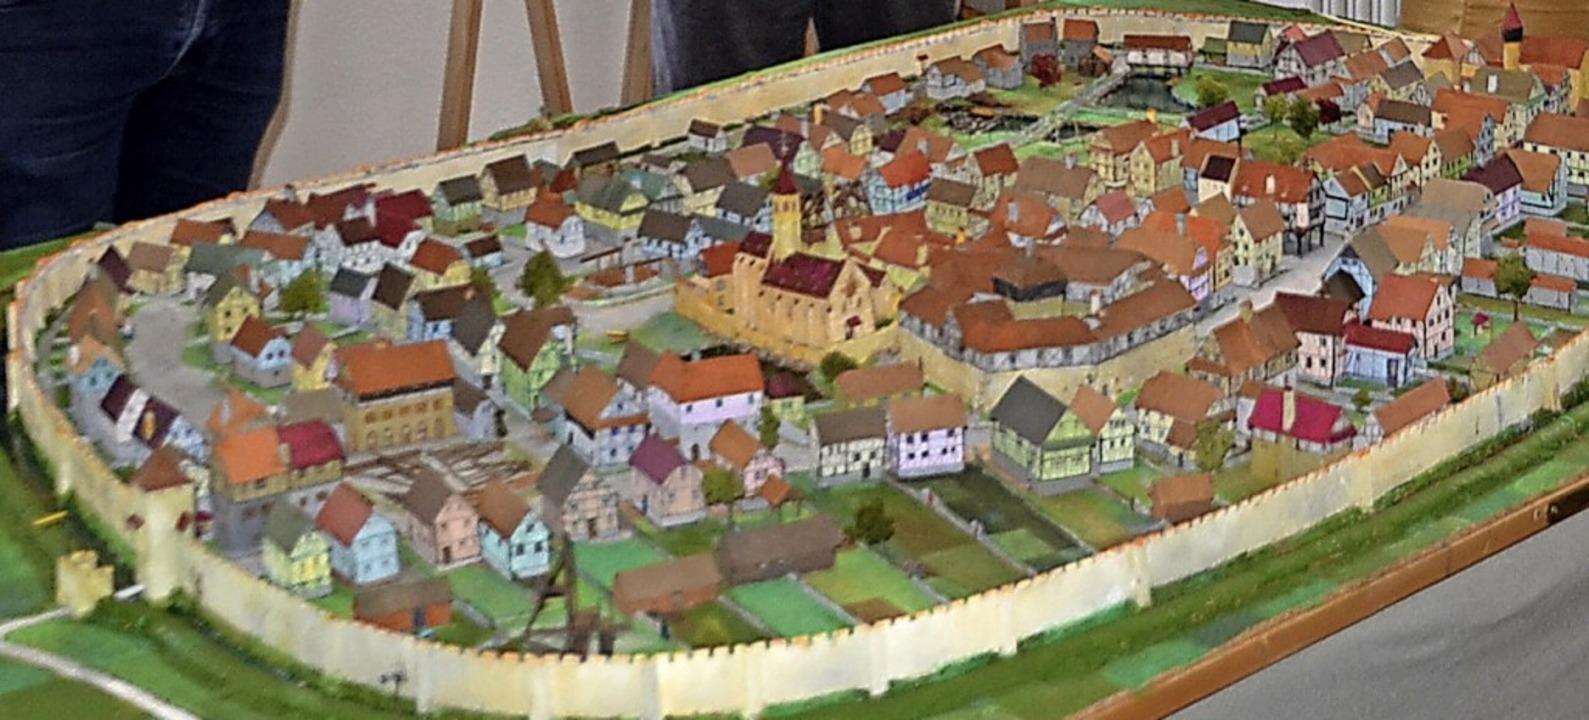 Aus mehr als 110 Miniaturhäuser besteh...l des mittelalterlichen Marckolsheim.   | Foto: Roland Vitt